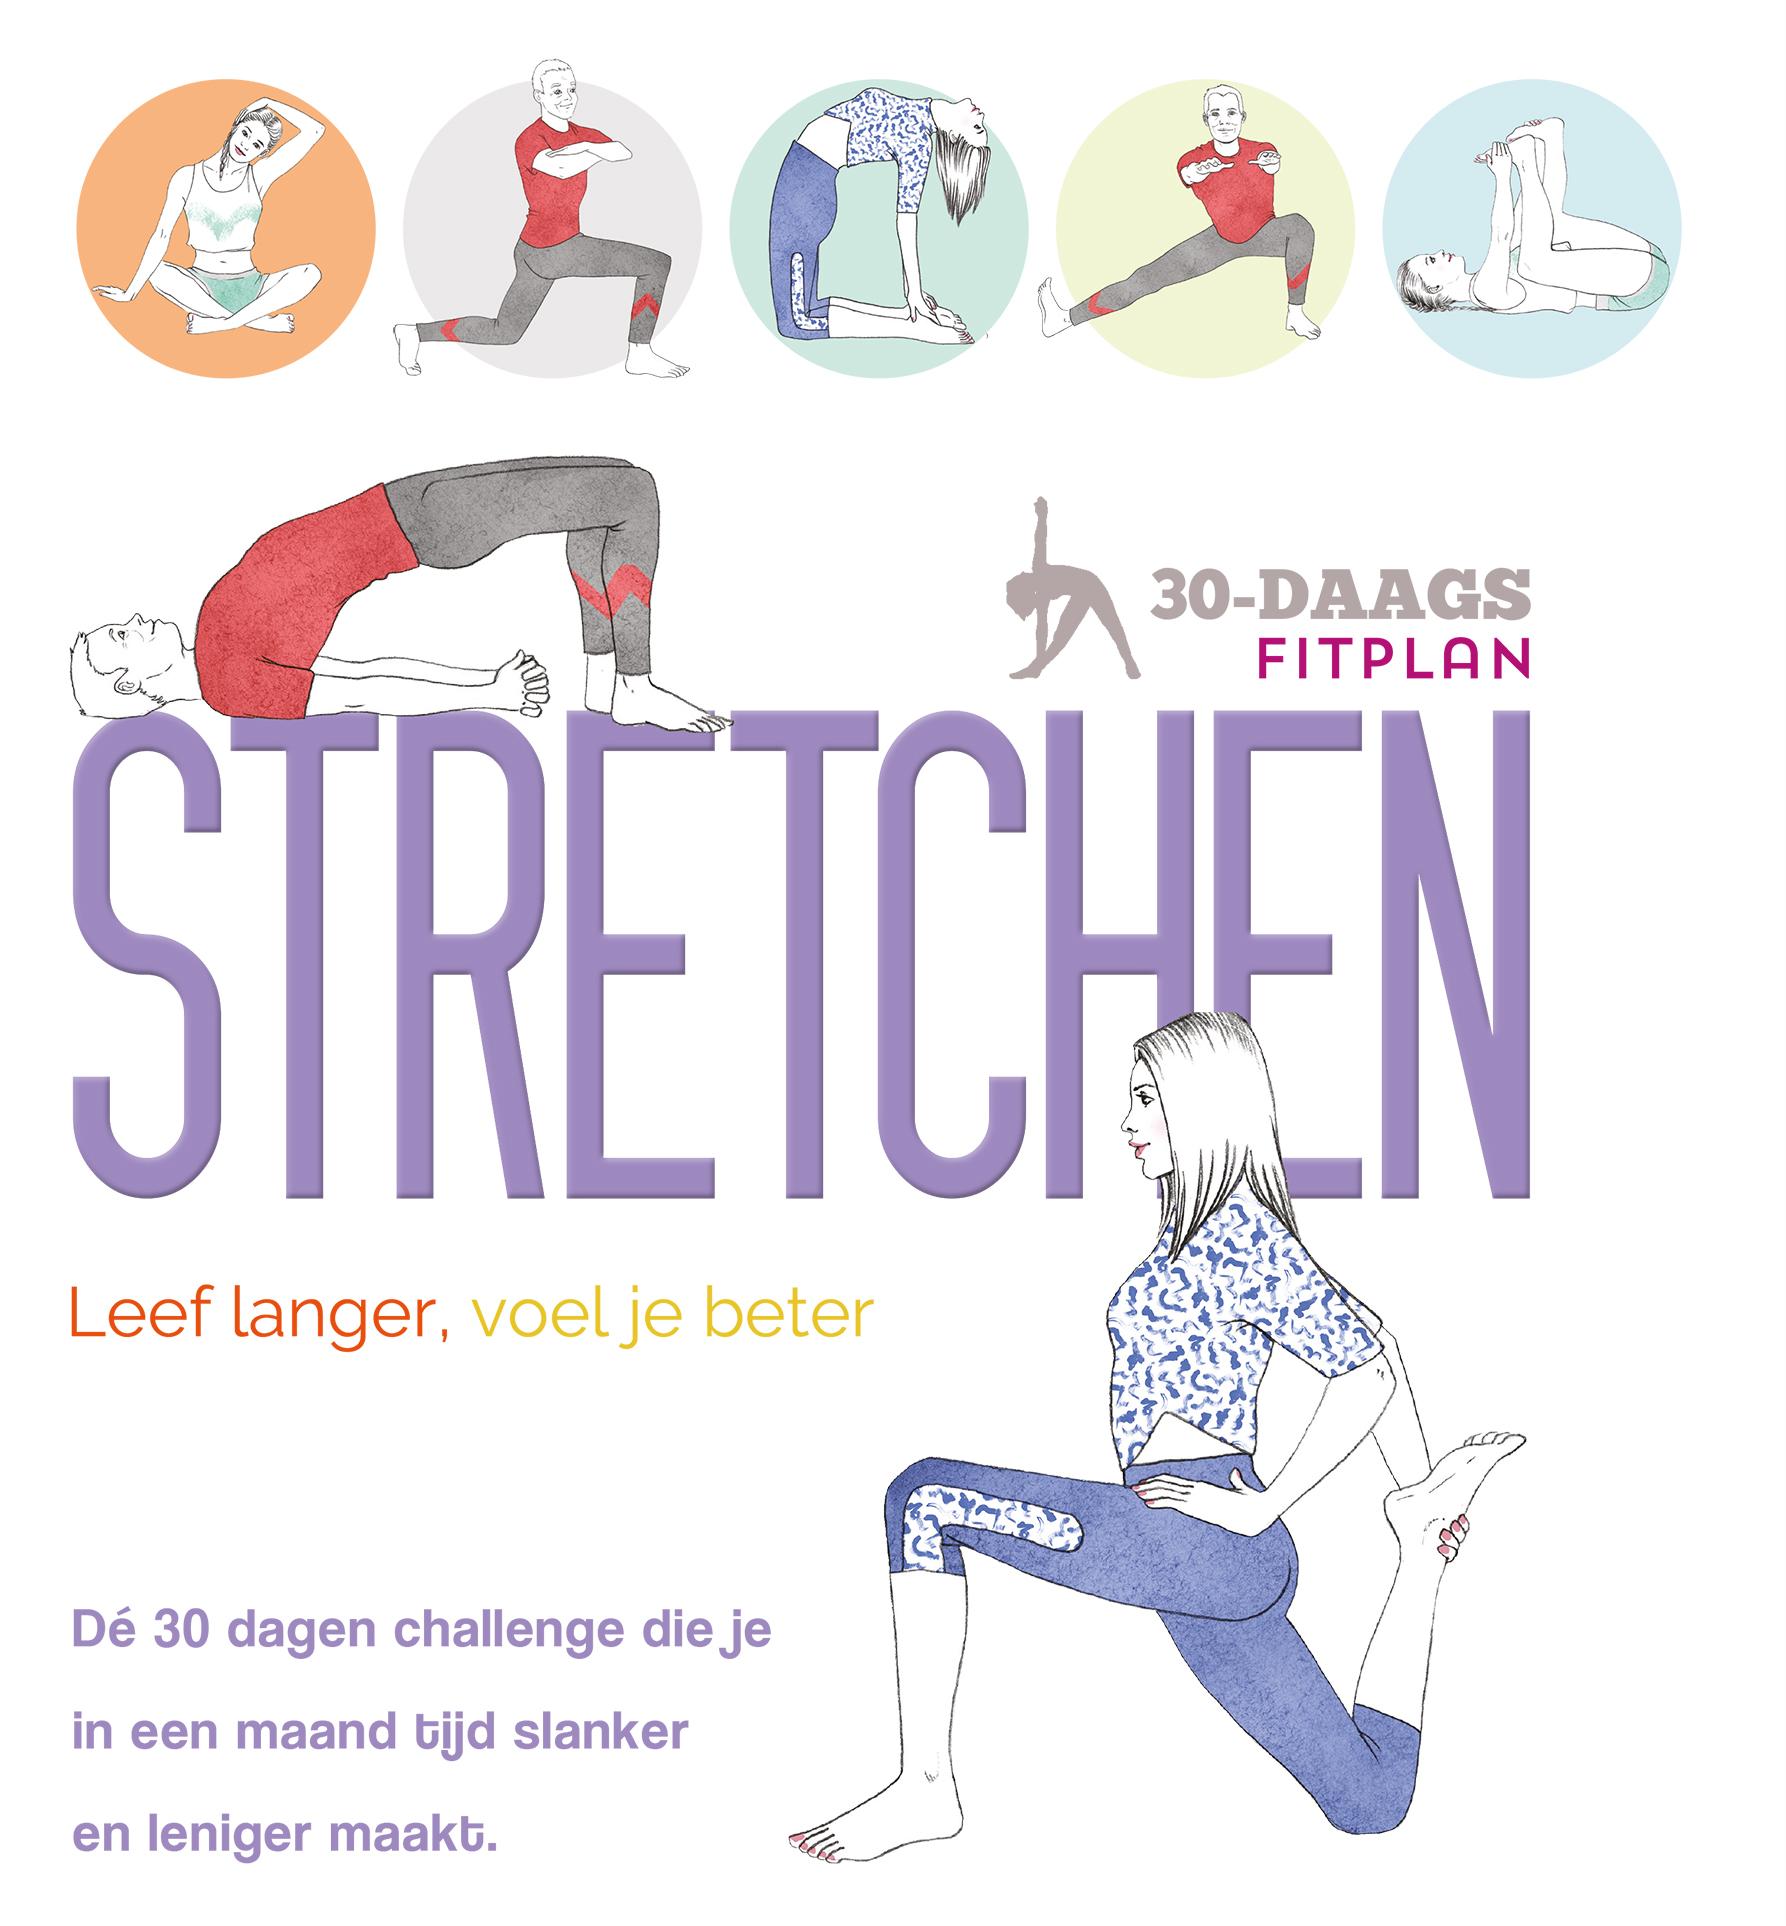 Stretchen - Fit in 30 dagen